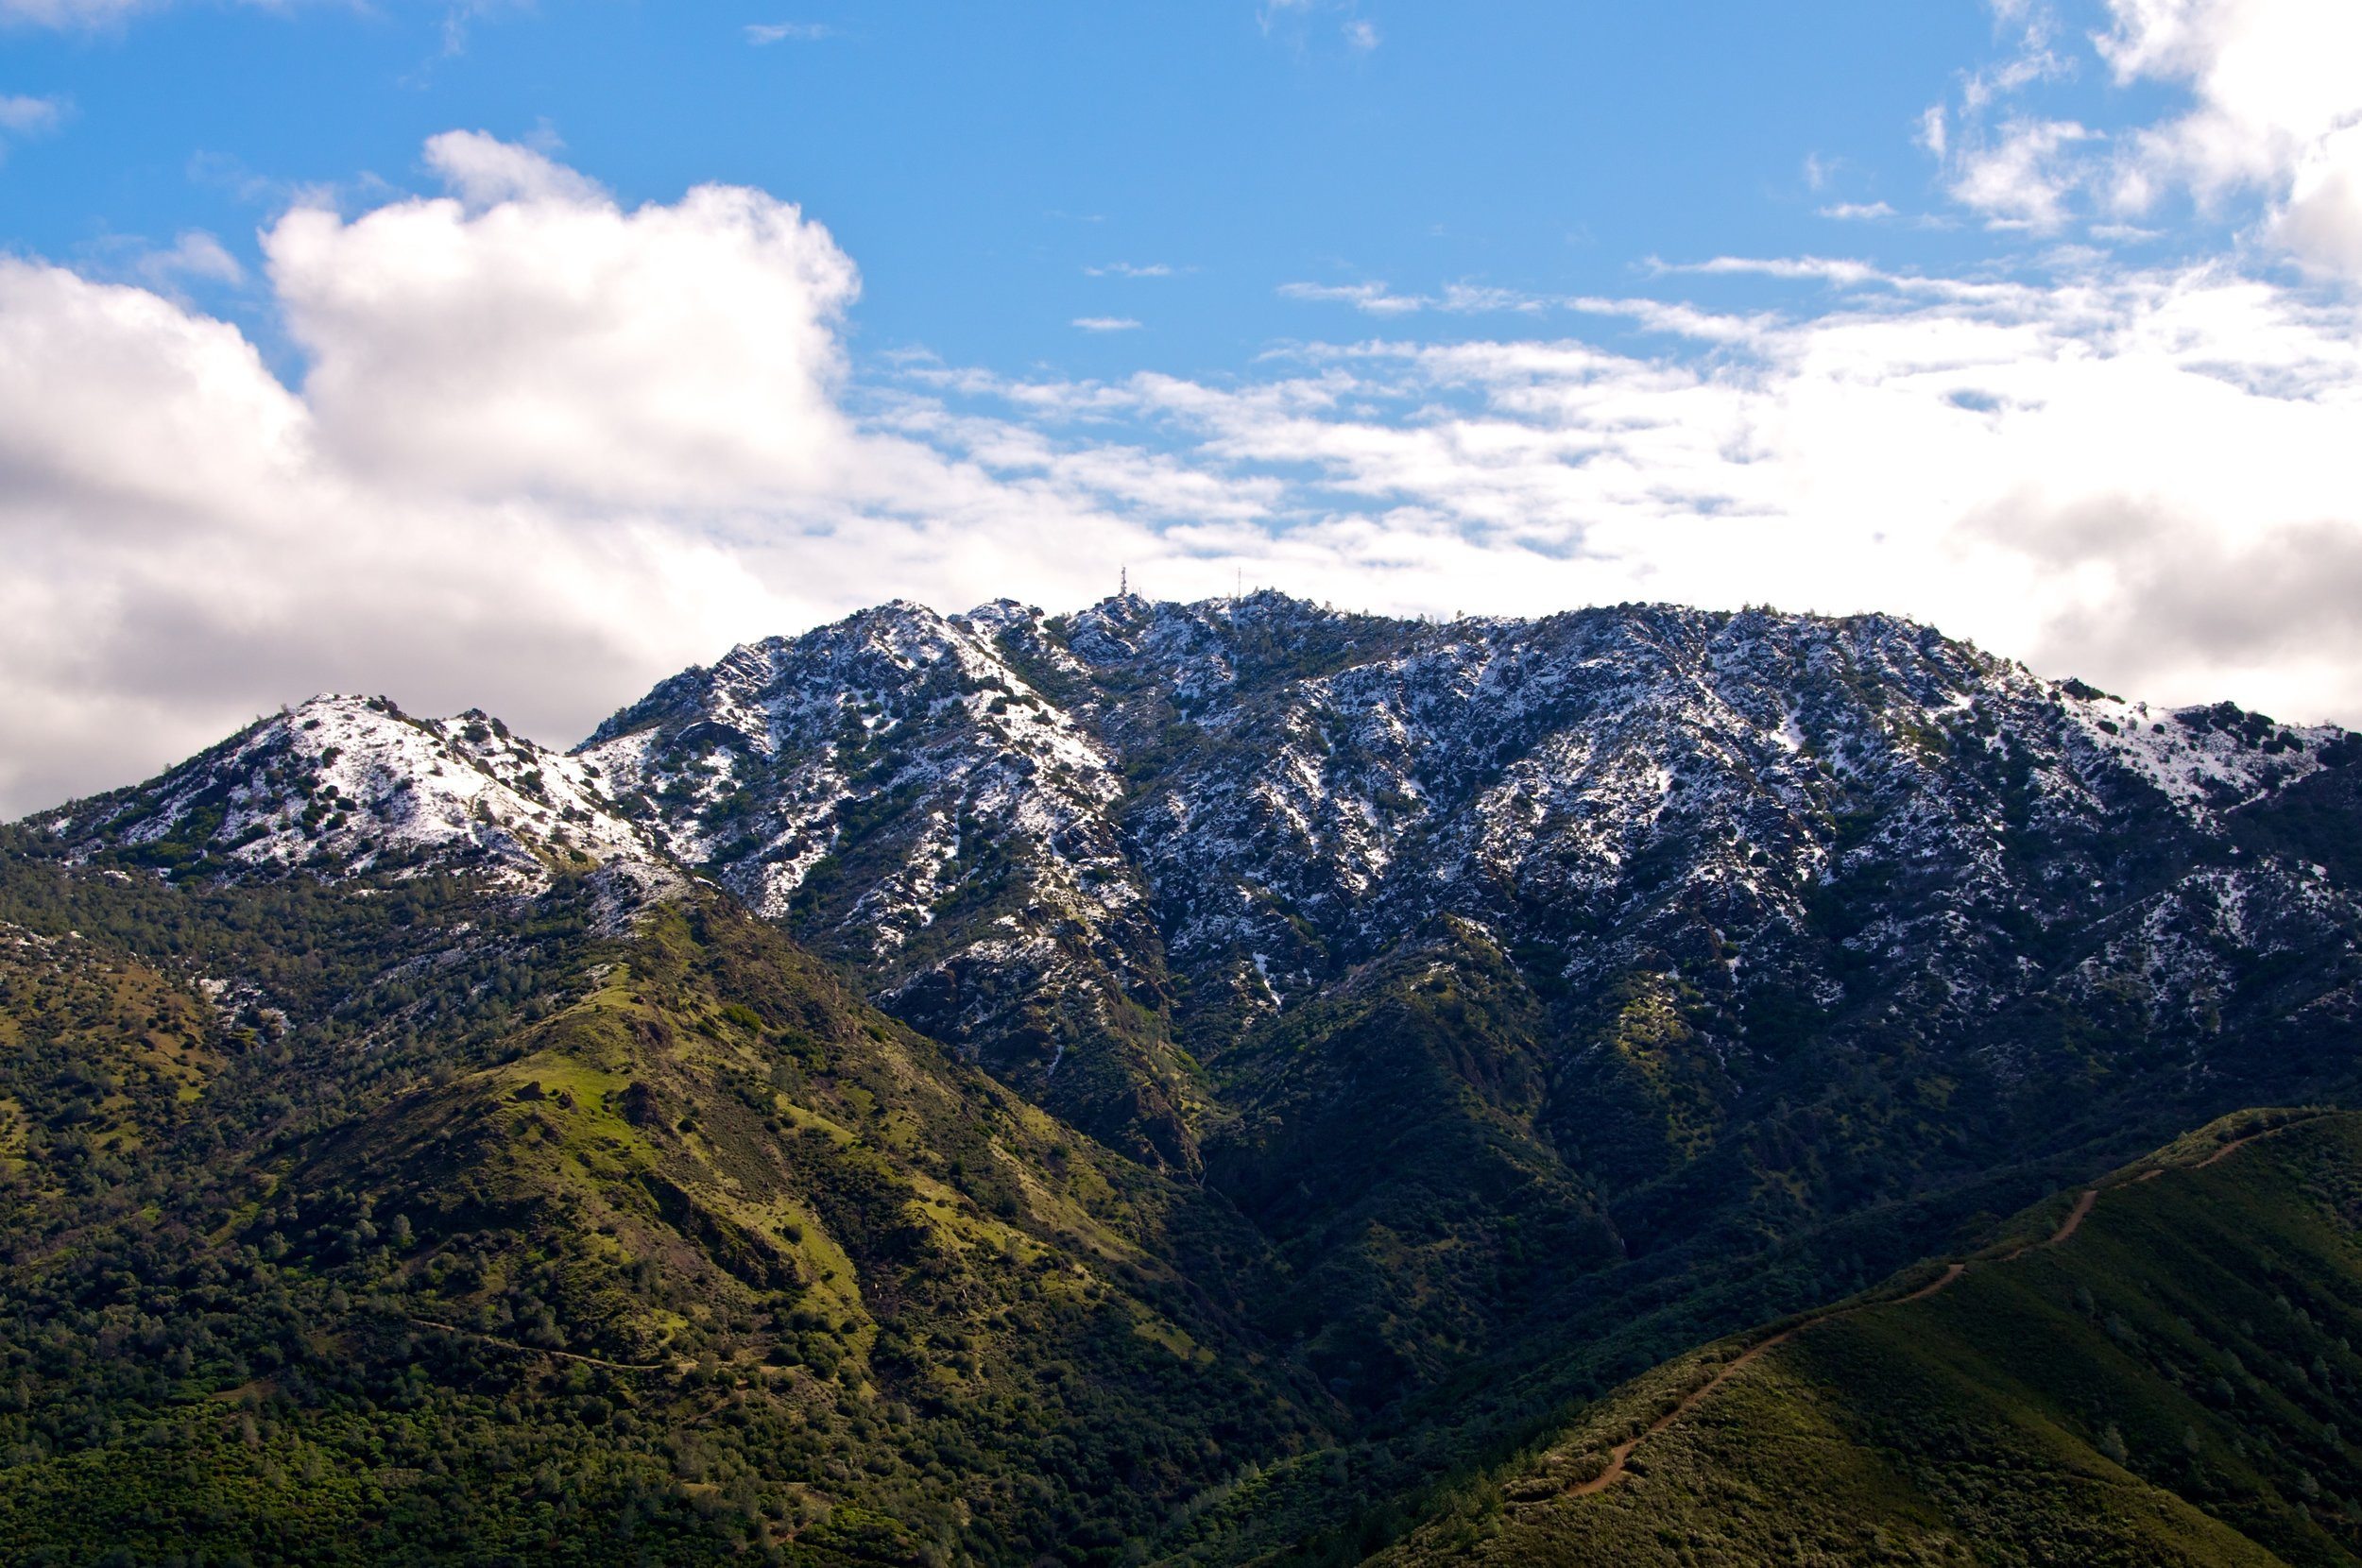 Twin Peaks - Mount Diablo State Park